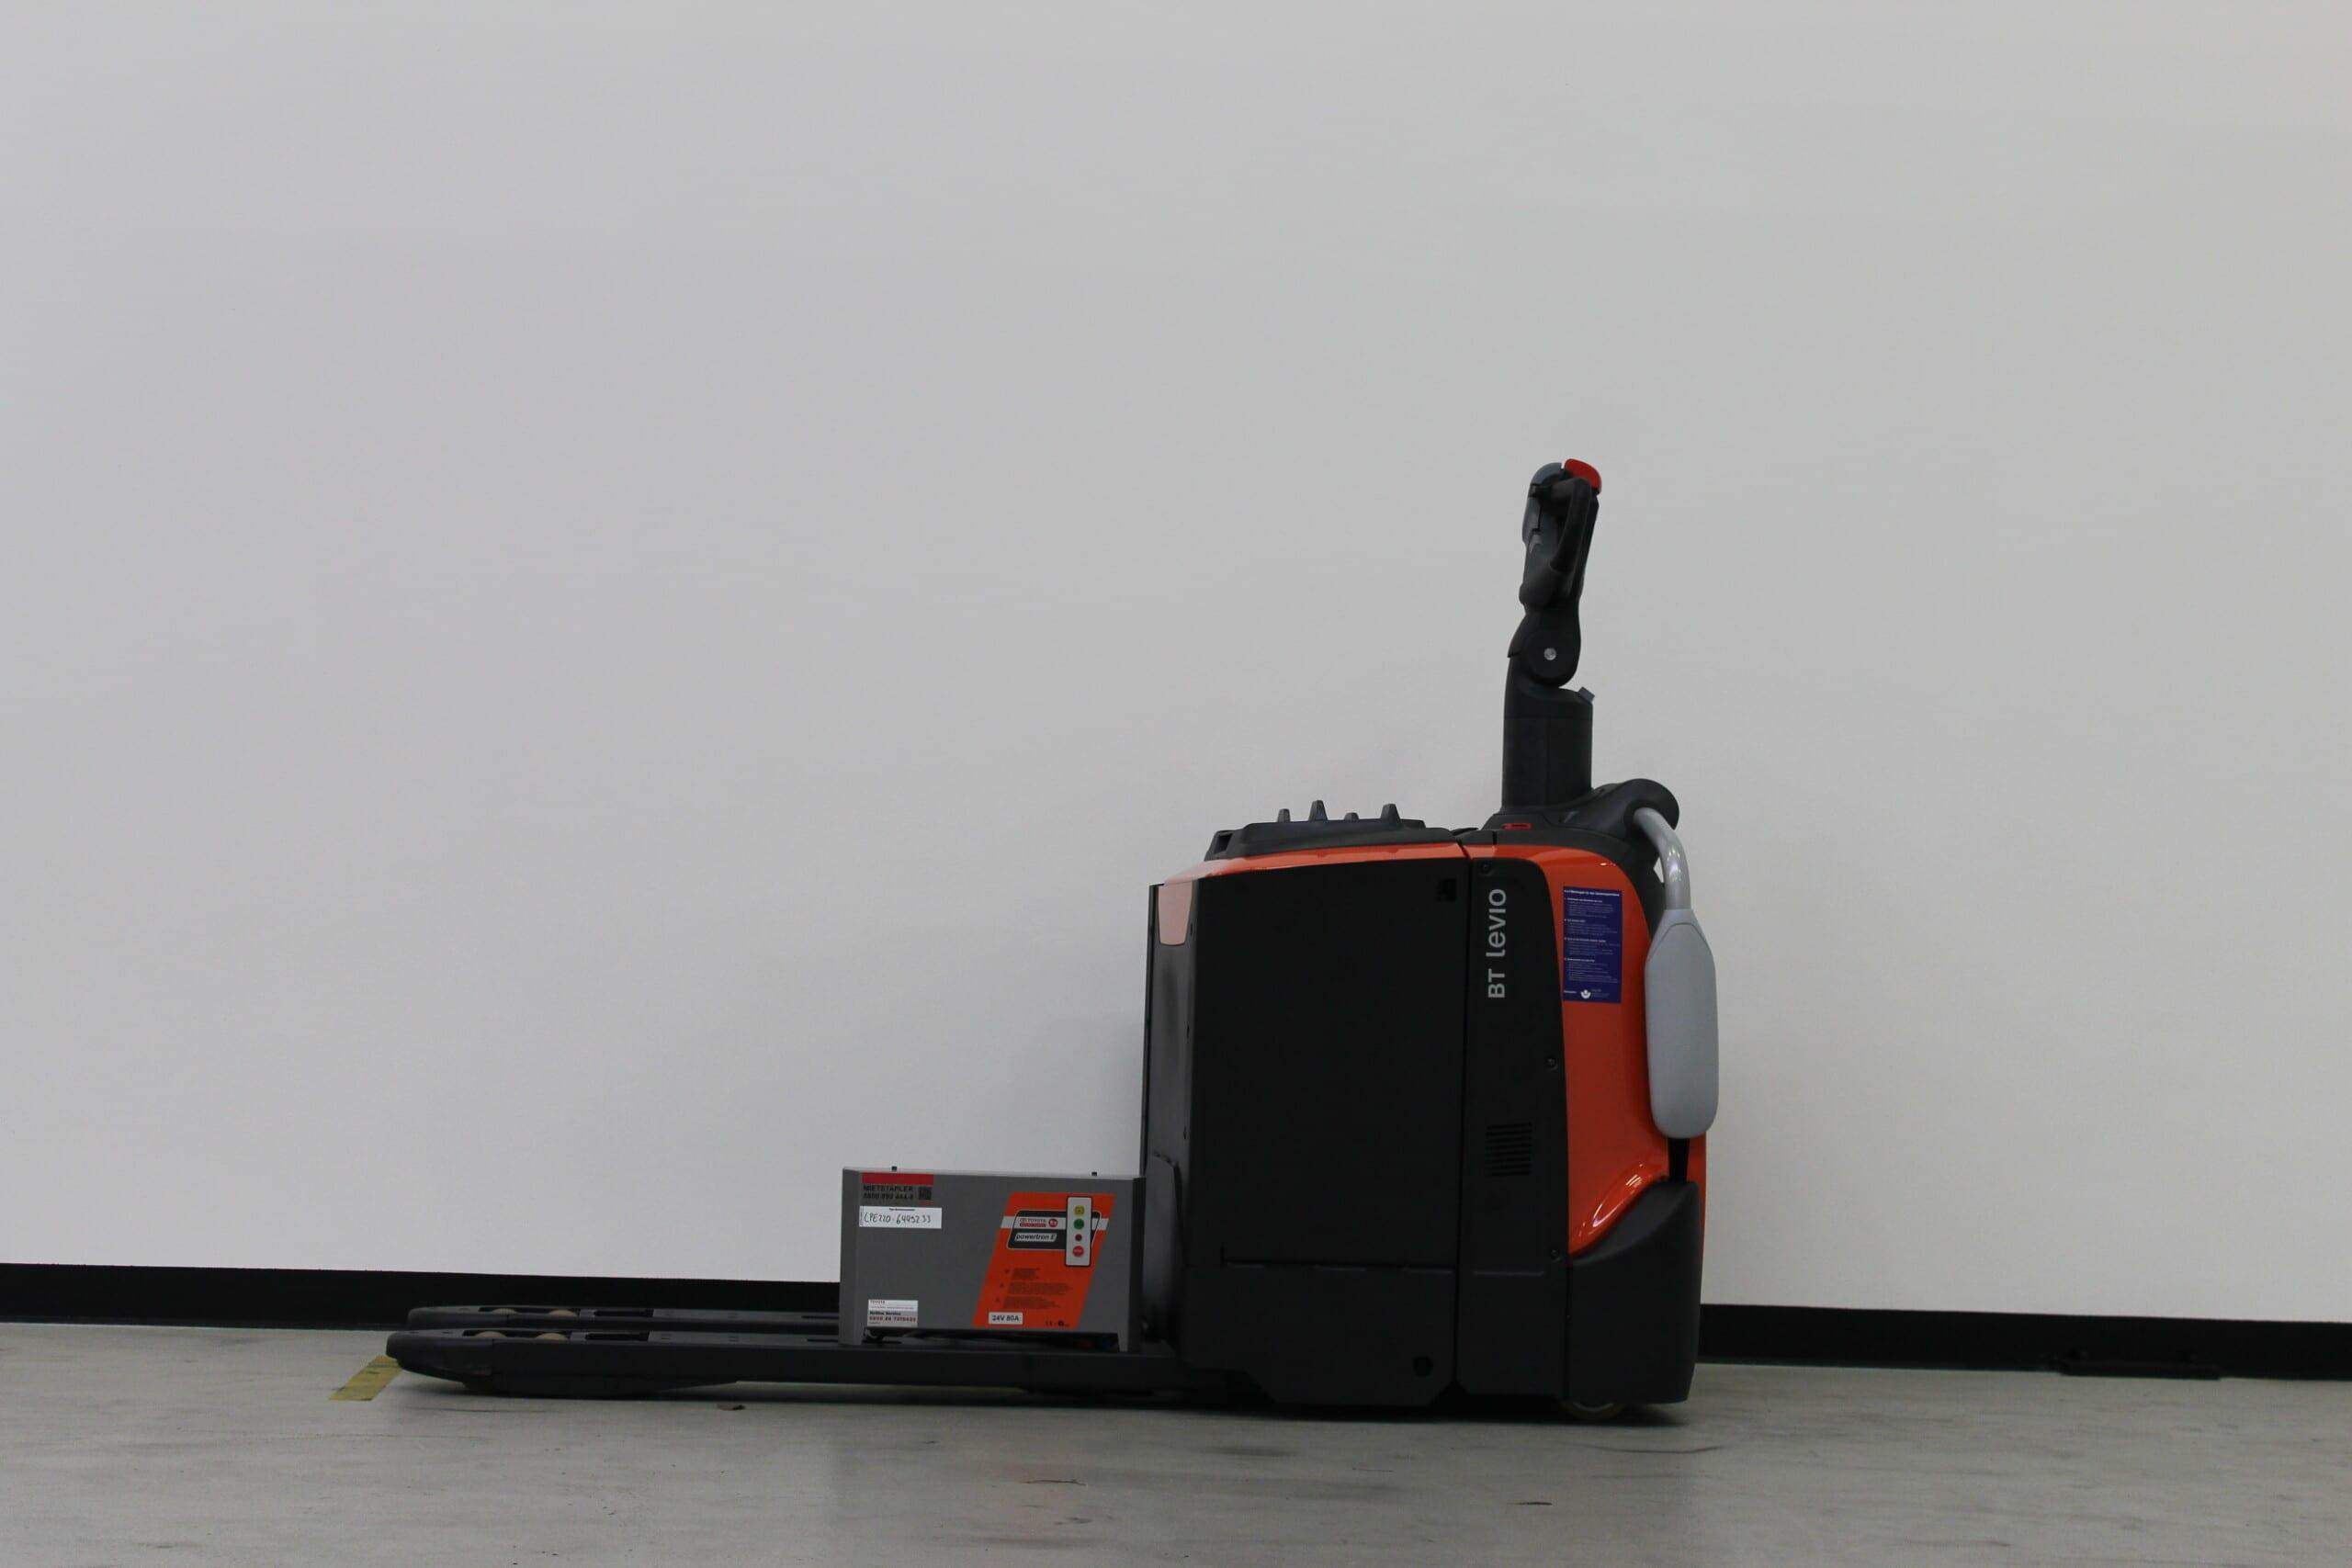 Toyota-Gabelstapler-59840 1609012191 1 scaled